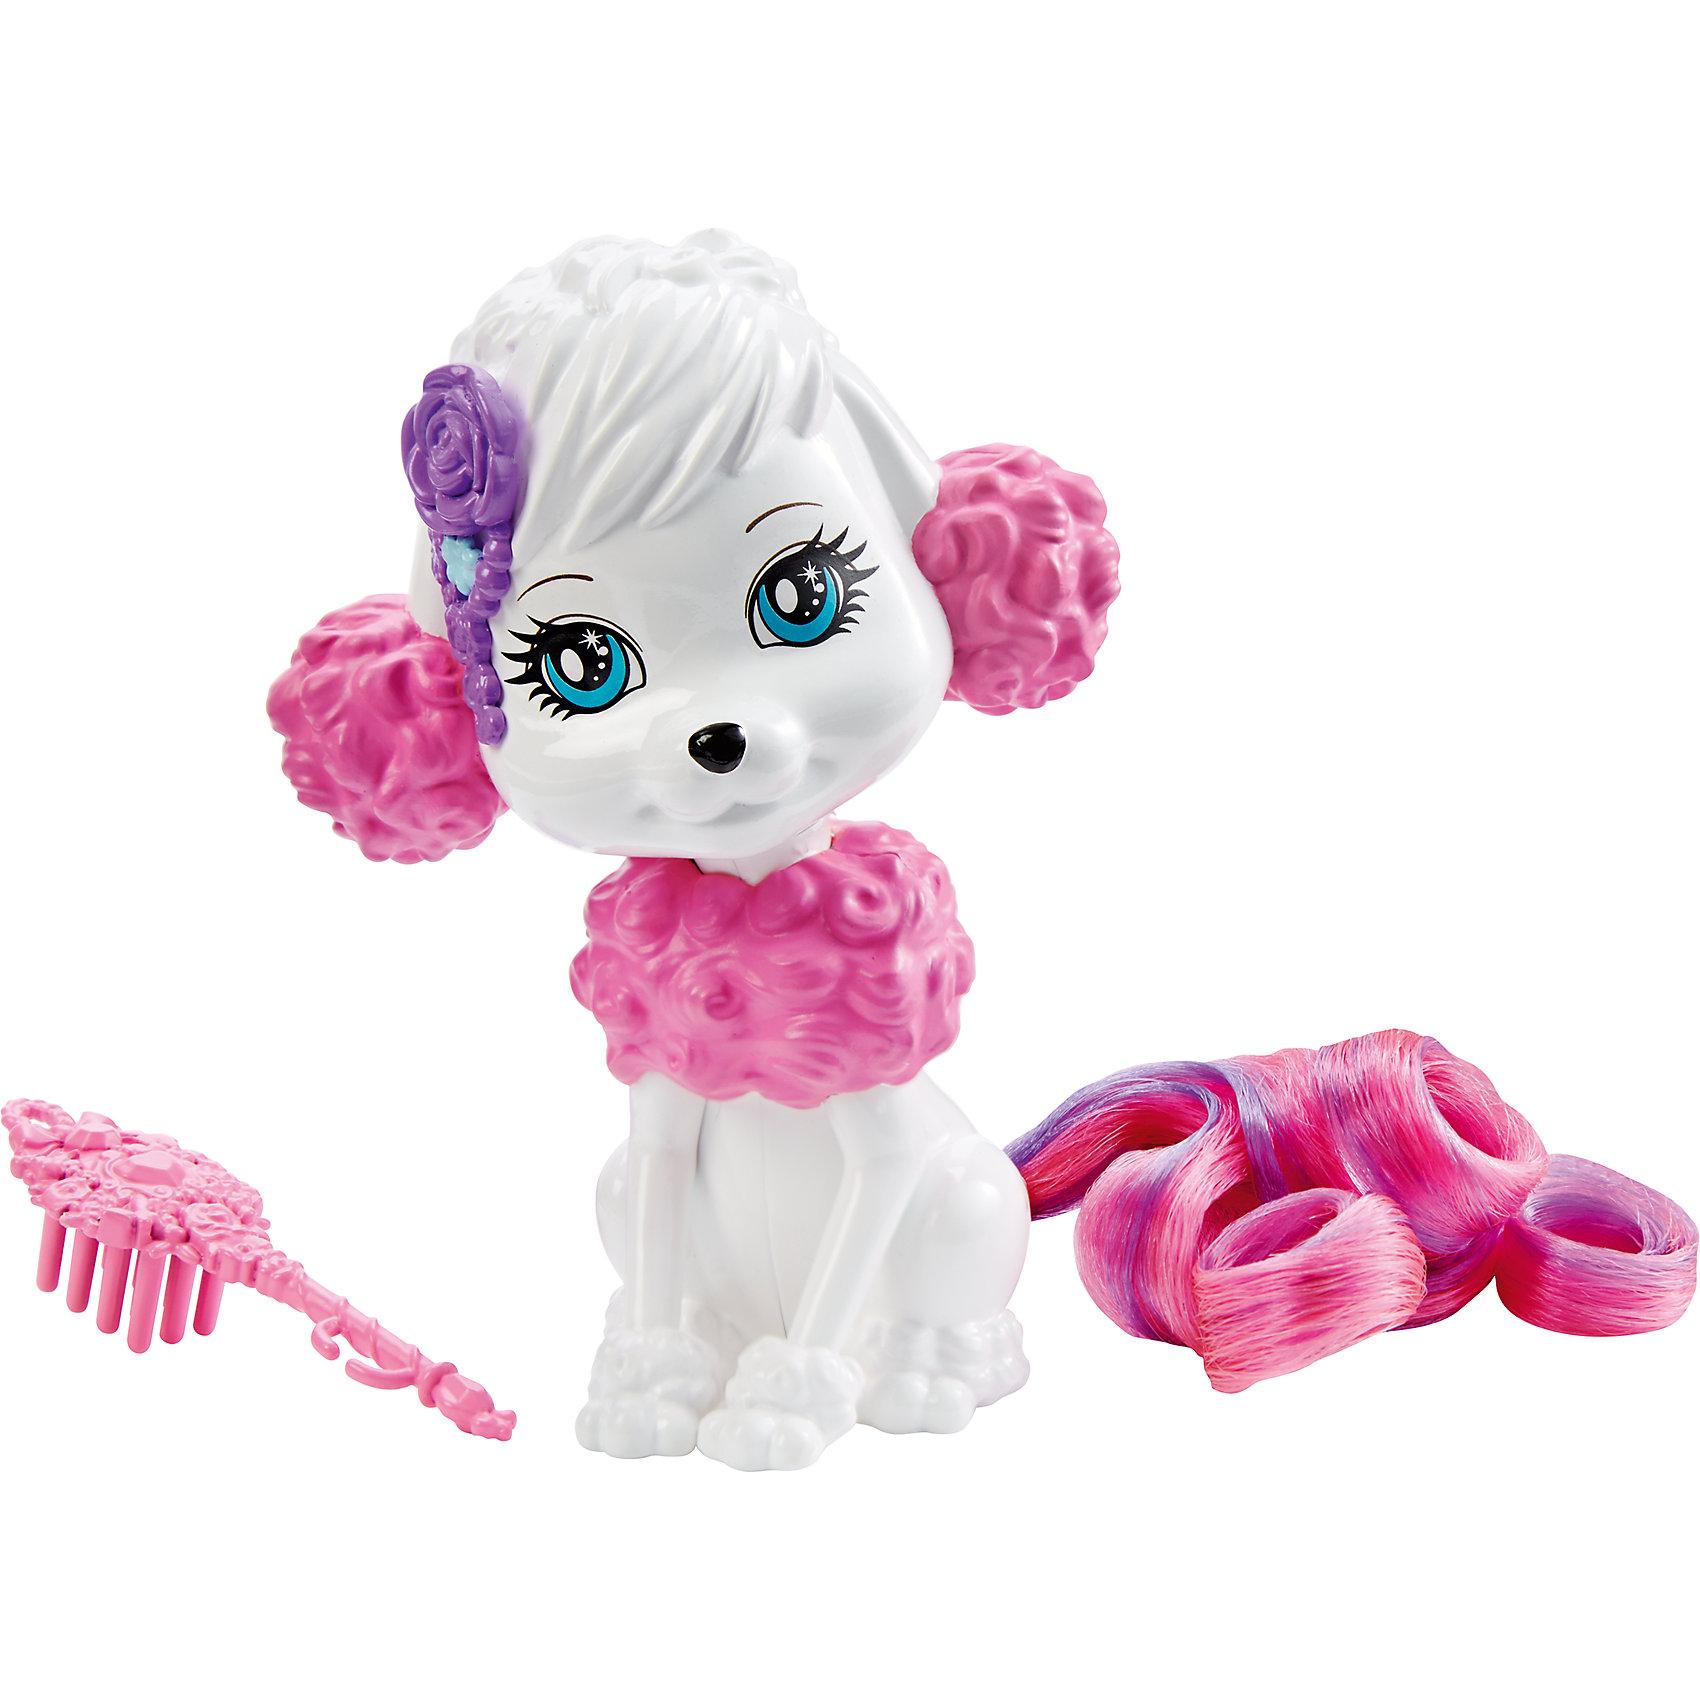 Питомец, BarbieBarbie<br>Барби обожает животных, ее питомцы такие же стильные и очаровательные, как и их хозяйка. Посмотри, какой пушистый и роскошный хвост у этой милой собачки! Ты можешь расчесывать его и даже делать различные прически. <br><br>Дополнительная информация:<br><br>- Материал: пластик. <br>- Размер: 15х20 см. <br>- Комплектация: игрушка, расческа. <br><br>Питомца, Barbie (Барби) можно купить в нашем магазине.<br><br>Ширина мм: 50<br>Глубина мм: 155<br>Высота мм: 205<br>Вес г: 156<br>Возраст от месяцев: 36<br>Возраст до месяцев: 72<br>Пол: Женский<br>Возраст: Детский<br>SKU: 4557624